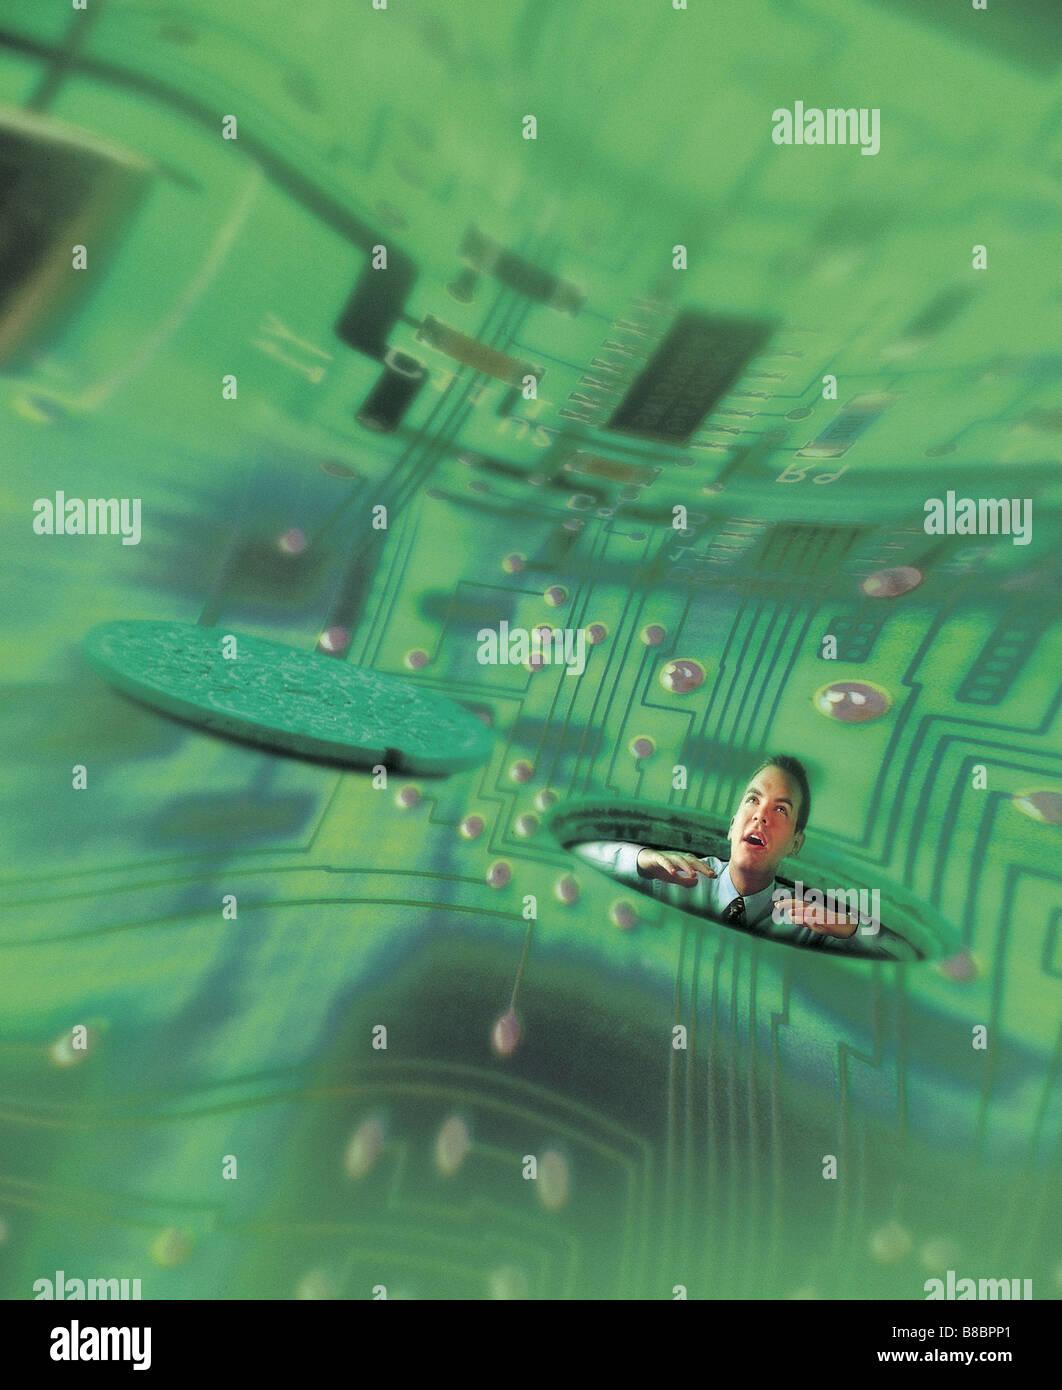 FL4386, Jim Tinios; l'homme sur le haut par trou en arrière-plan du Circuit vert déformé Banque D'Images